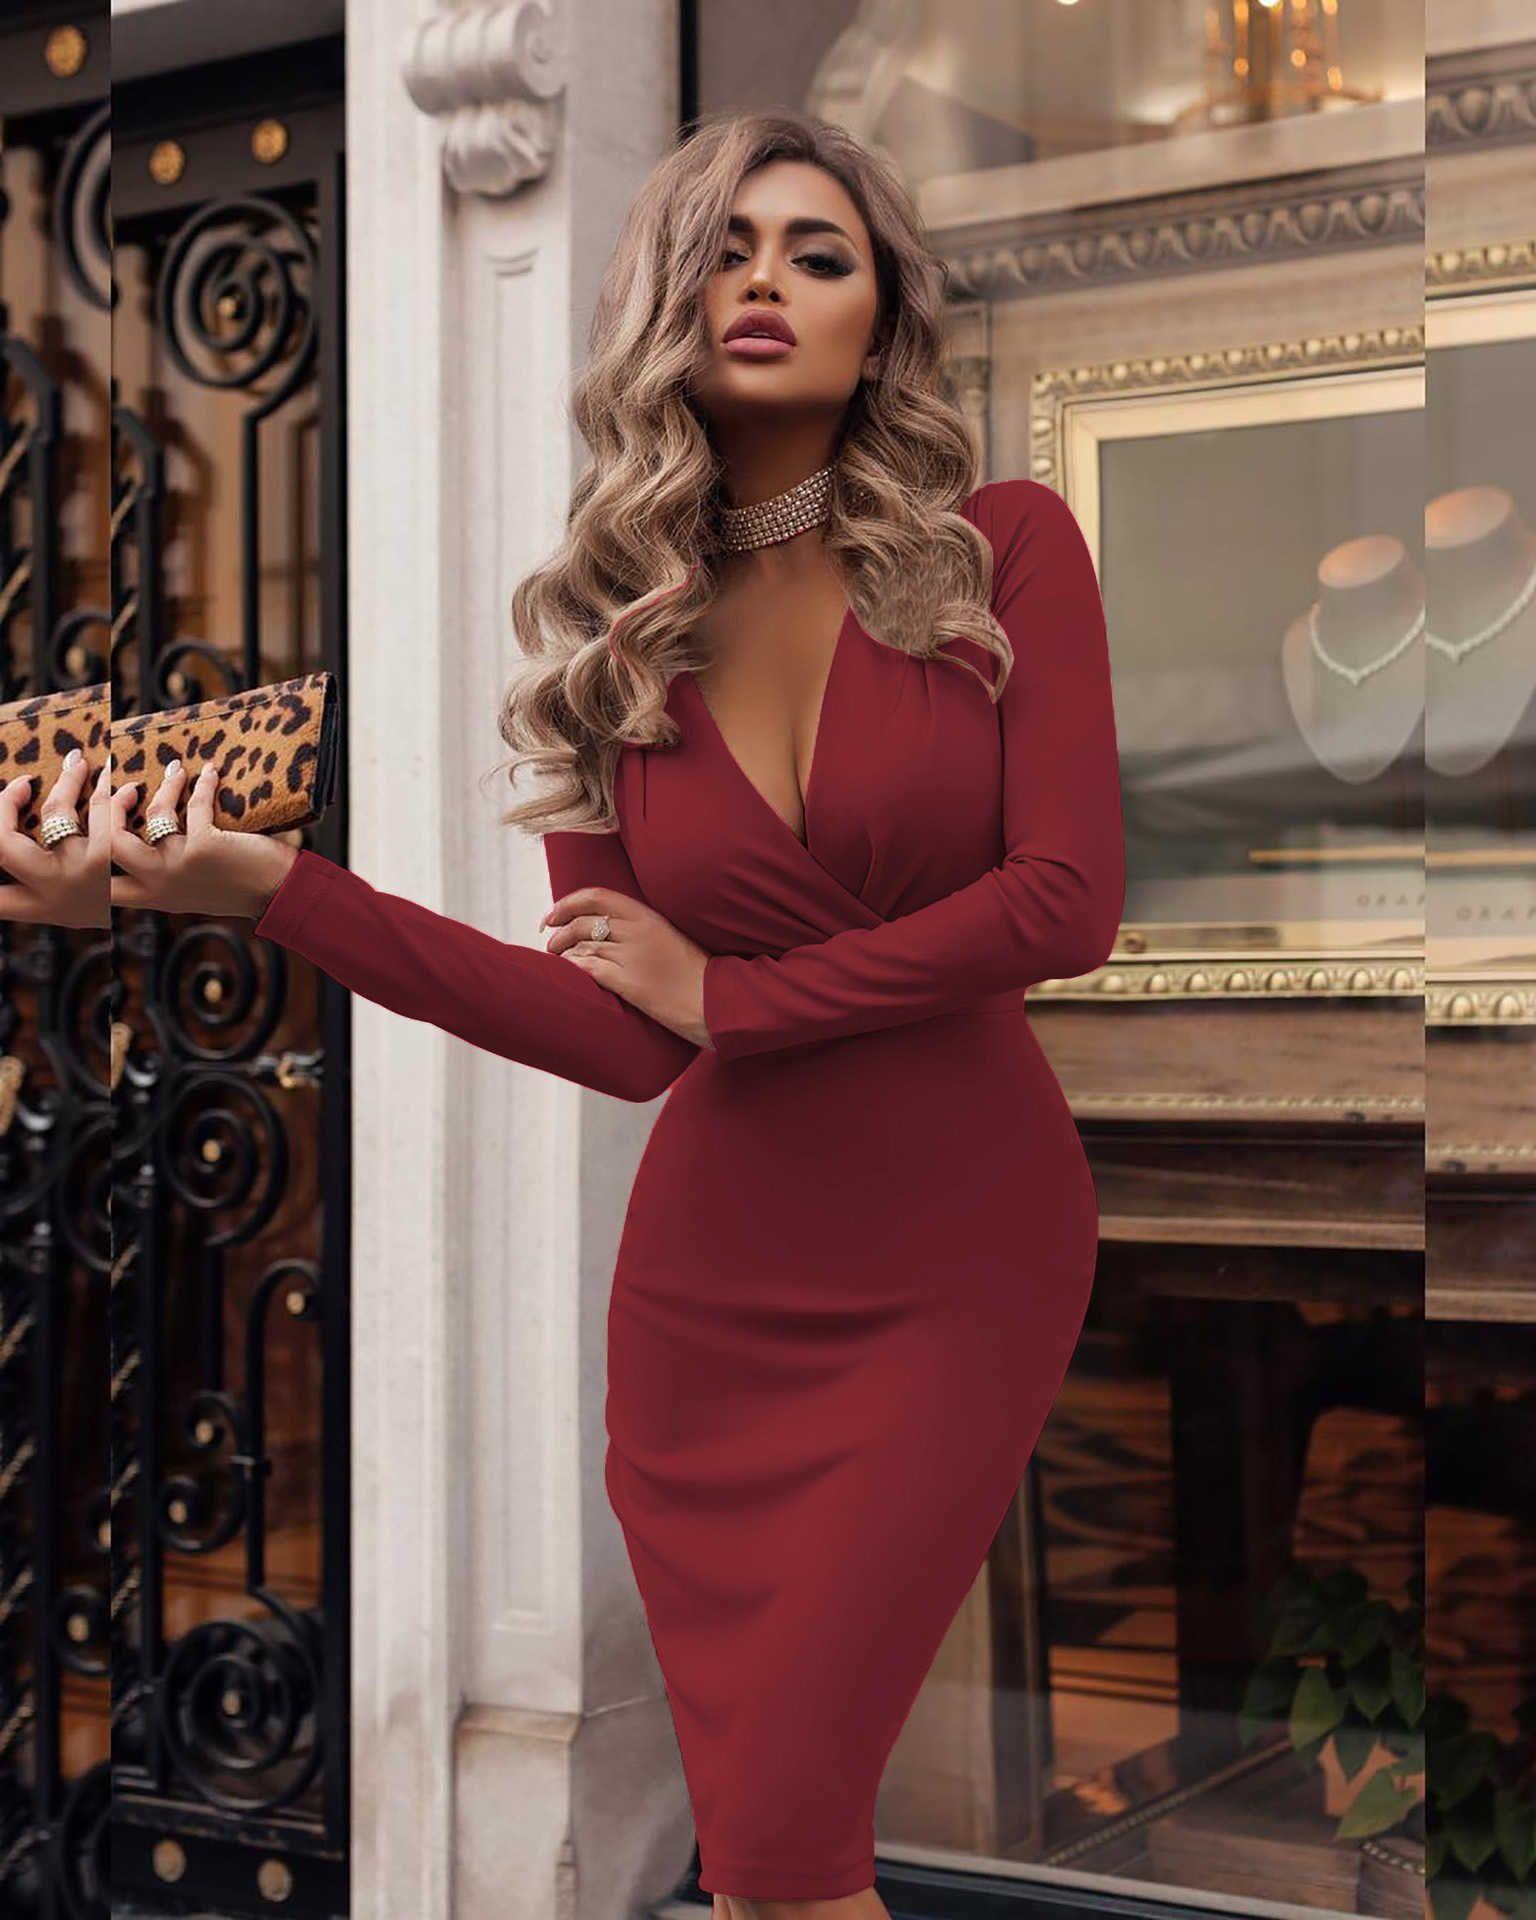 Günlük Kadınlar Katı Renk Elbise Moda İlkbahar Sonbahar BODYCON Elbise Yeni Geliş Bayanlar Uzun Kollu Kısa Kadınlar Elbiseler Boyut S-2XL